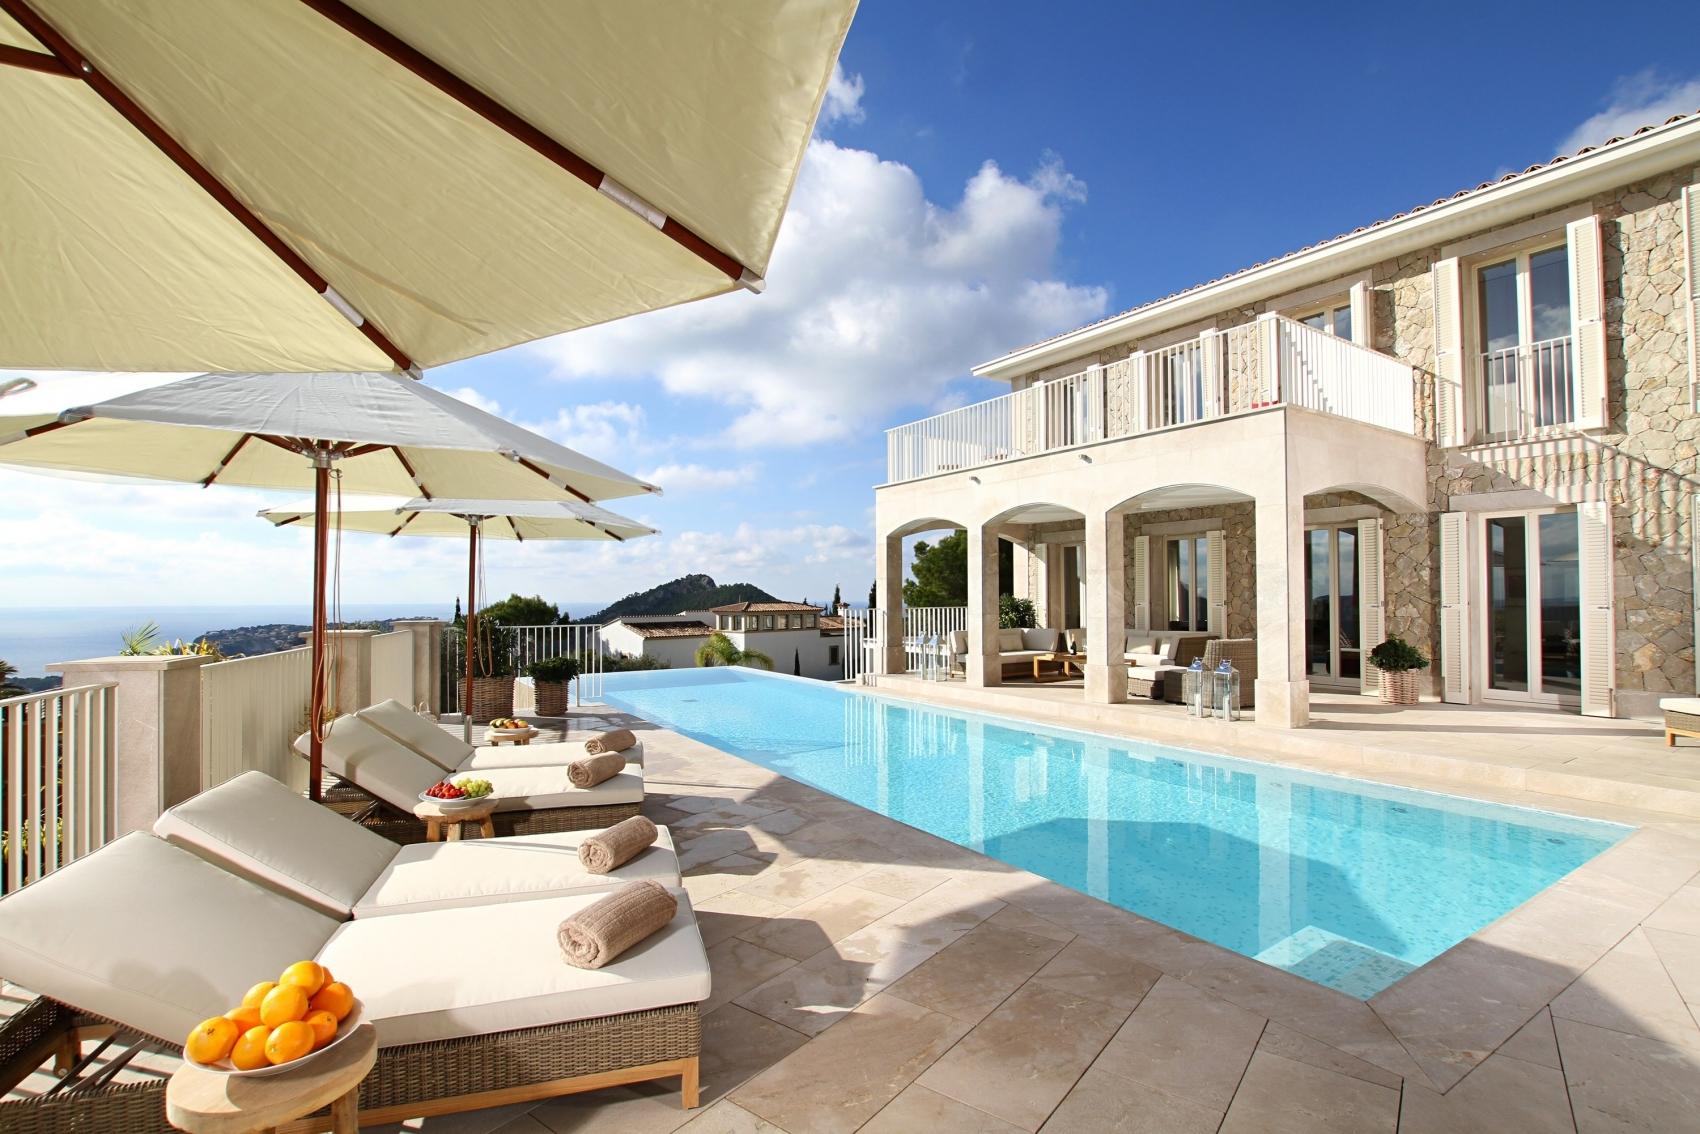 Poolbereich mit Meerblick